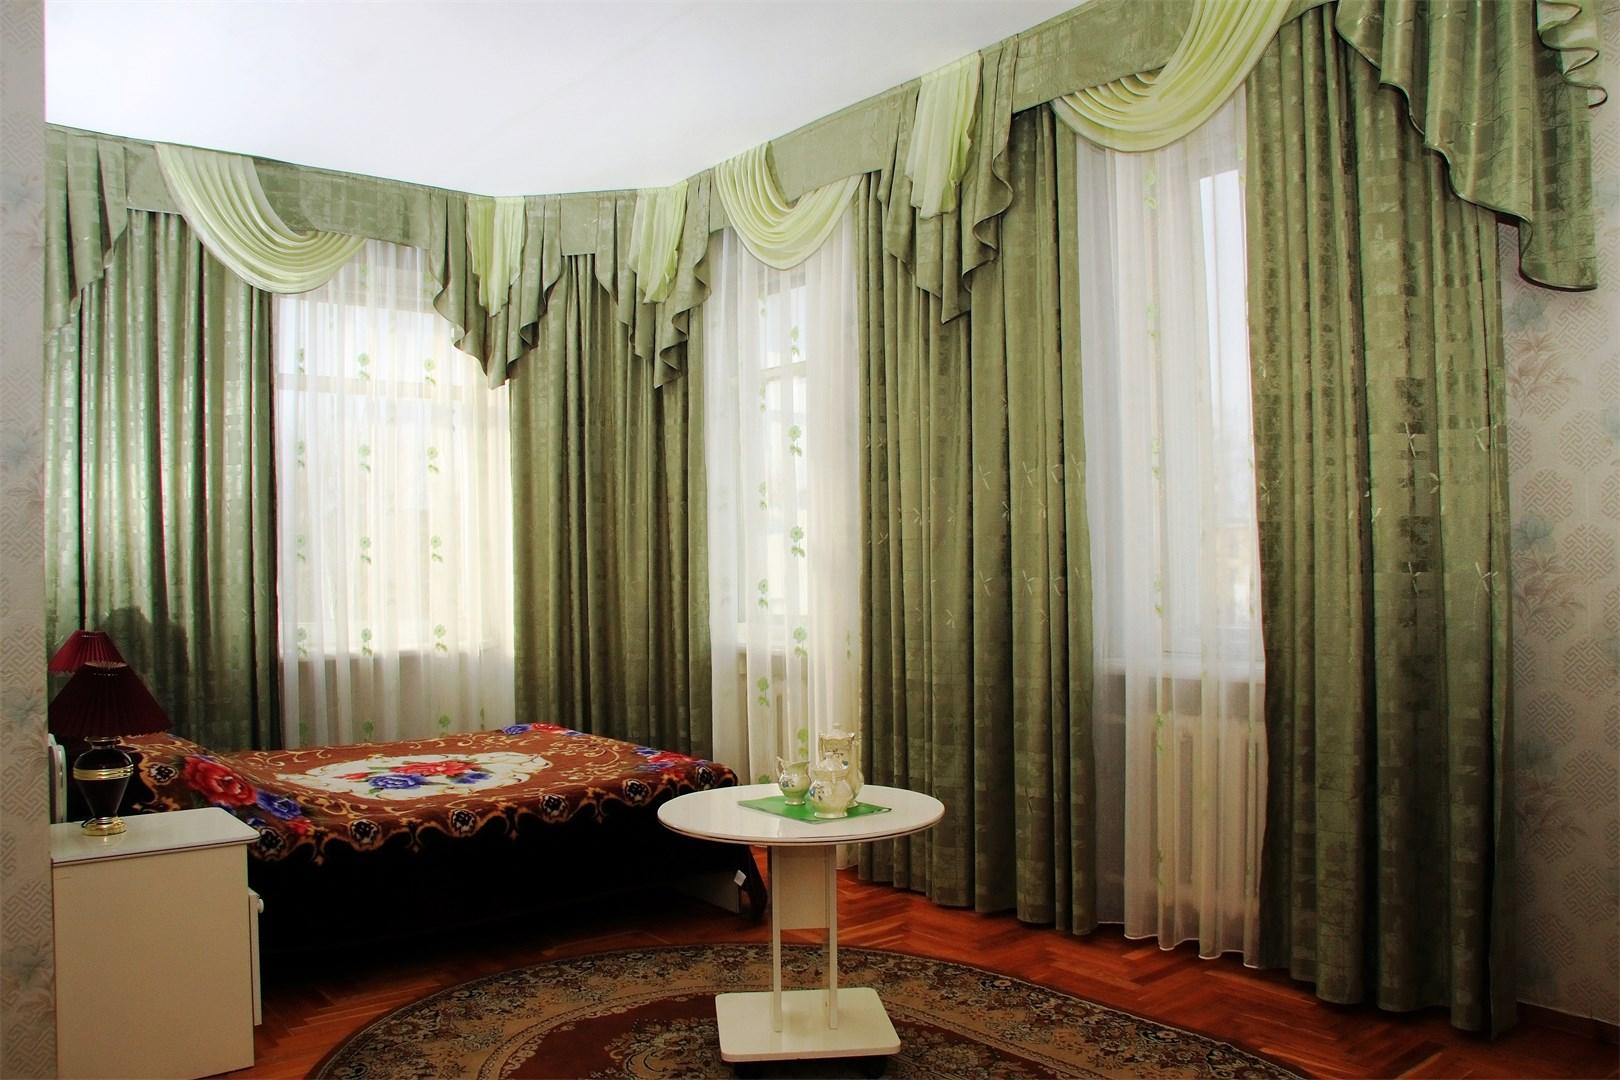 Отель Якорь.